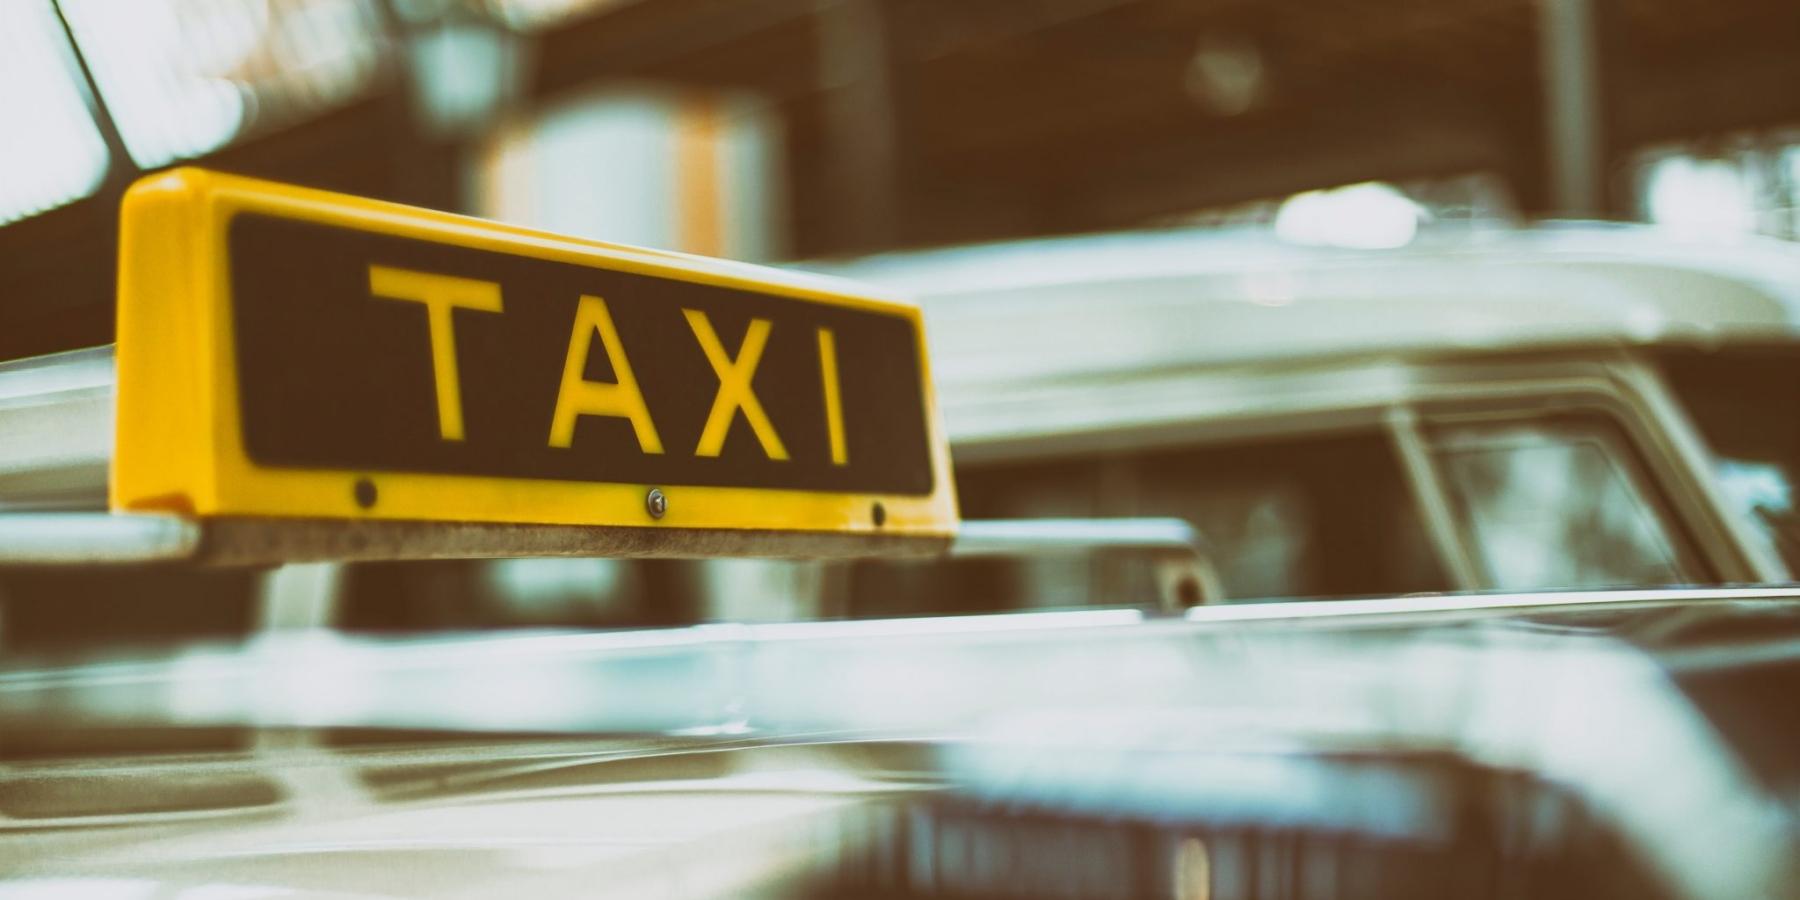 """Dzięki tejapce taksówkarz już Cię nieoszuka! """"Nie ma być batem nataksówkarzy, ma uzdrowić rynek"""" – komentuje twórca"""